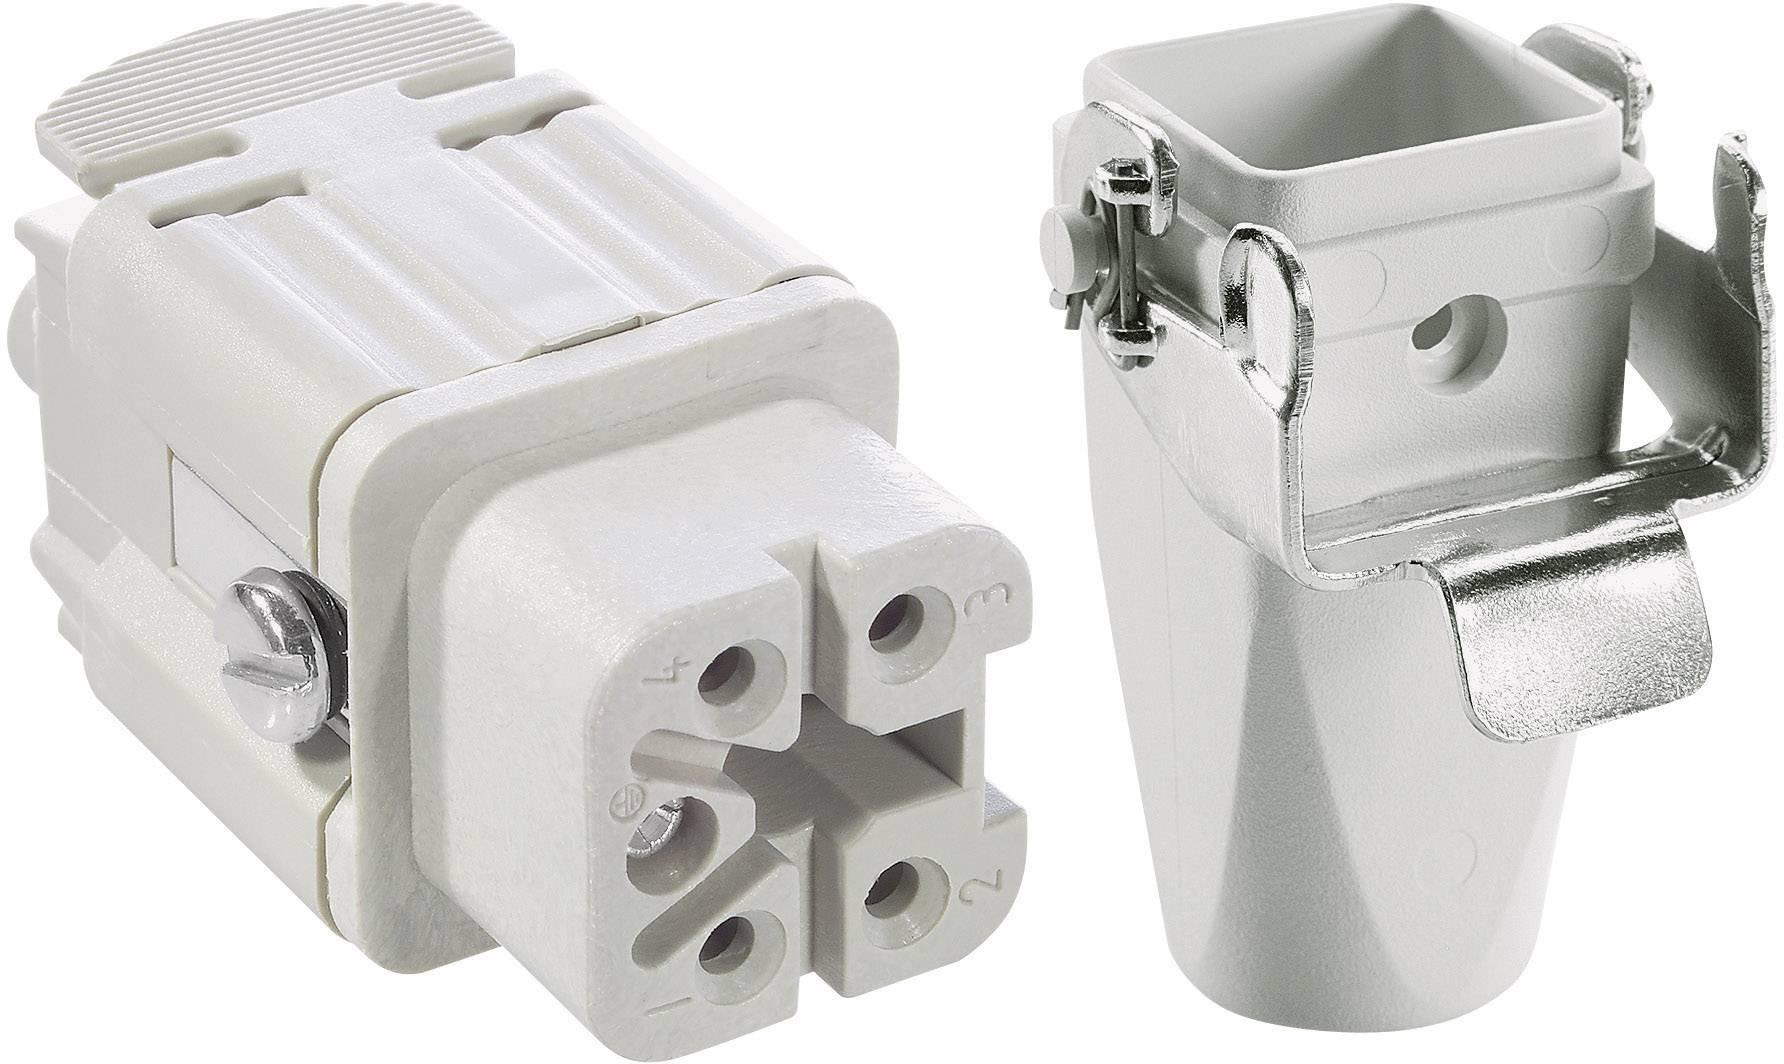 Sada konektorů EPIC®KIT H-A 4 75009623 LAPP 4 + PE šroubovací 1 sada